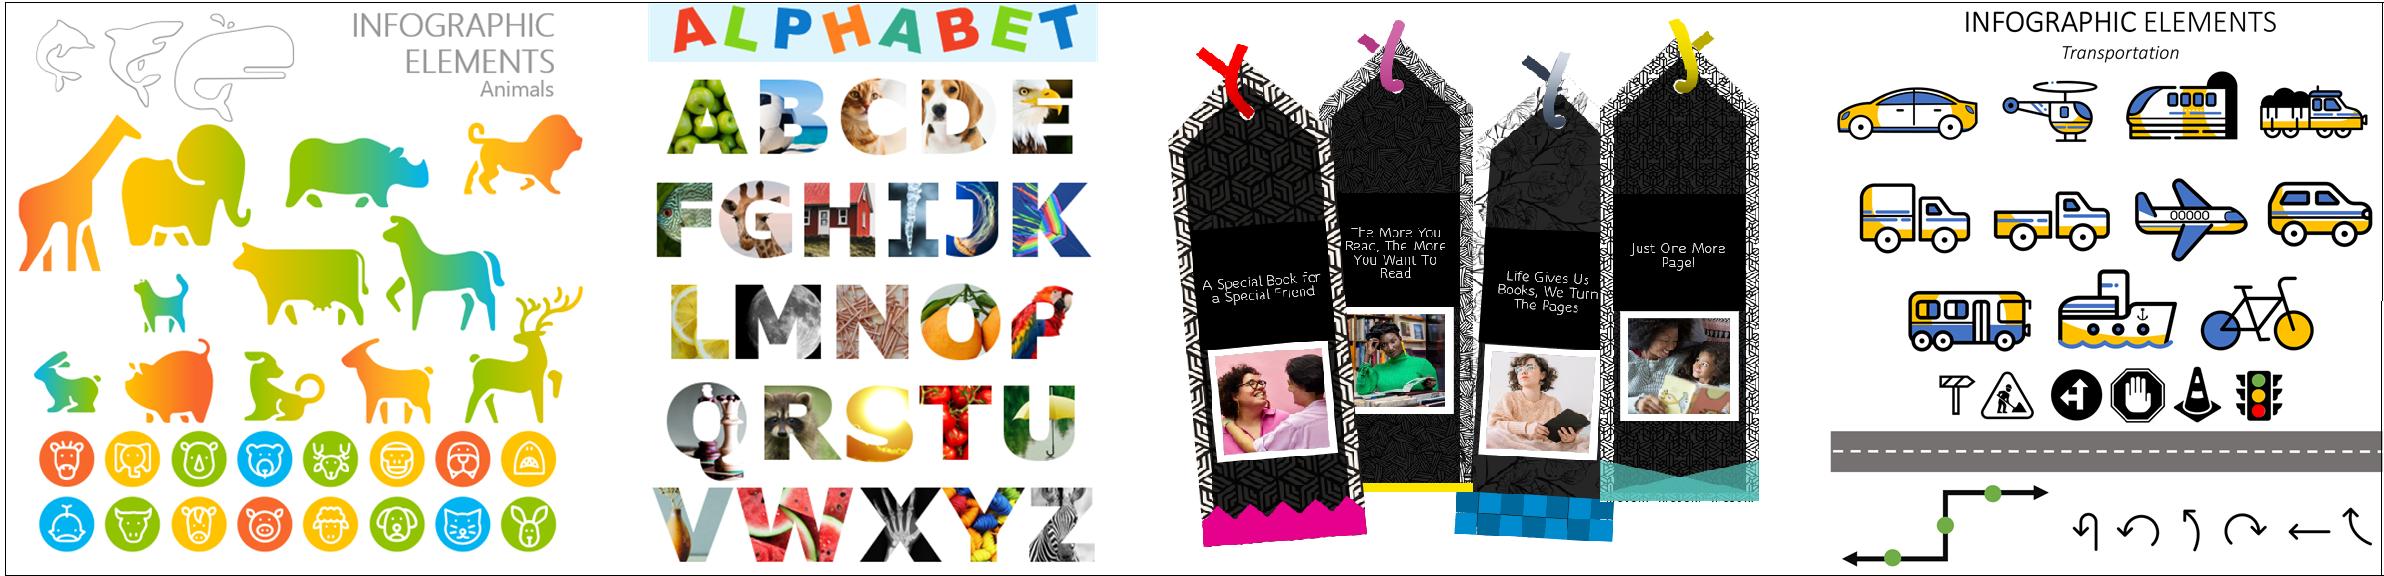 صفحه تجميع الصور التي تضم الانشطه لمساعده الأطفال علي معرفه المزيد